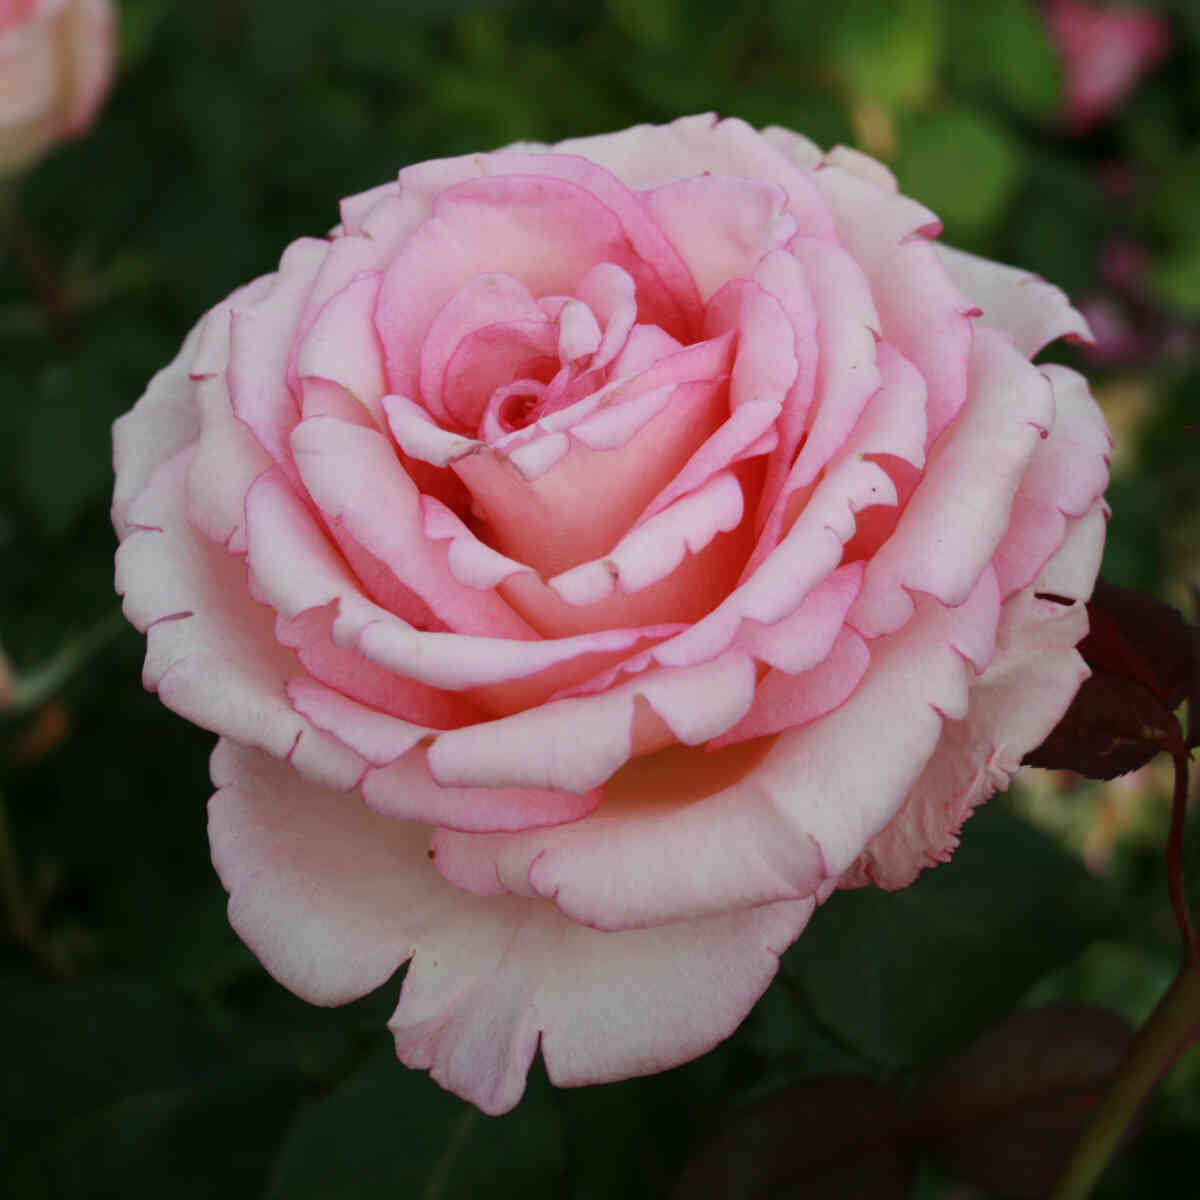 Rose 'Souvenir de Baden Baden'